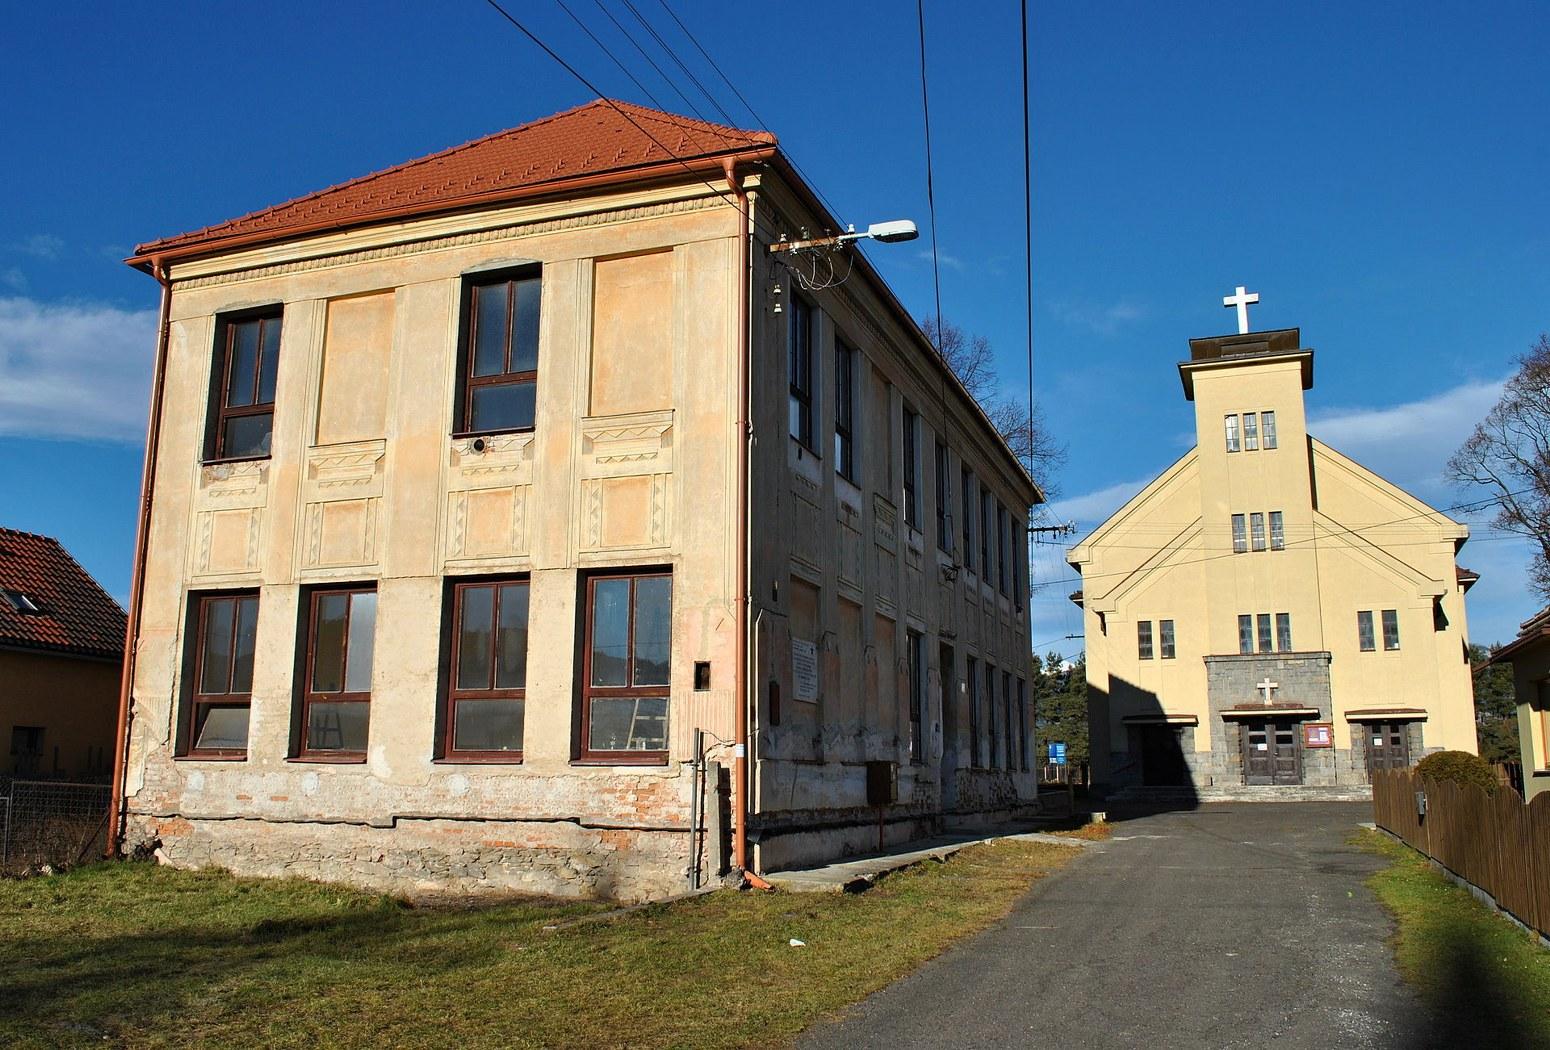 здание школы и евангелического костела, (c) Патрик Кунец (Липтовский Петер)